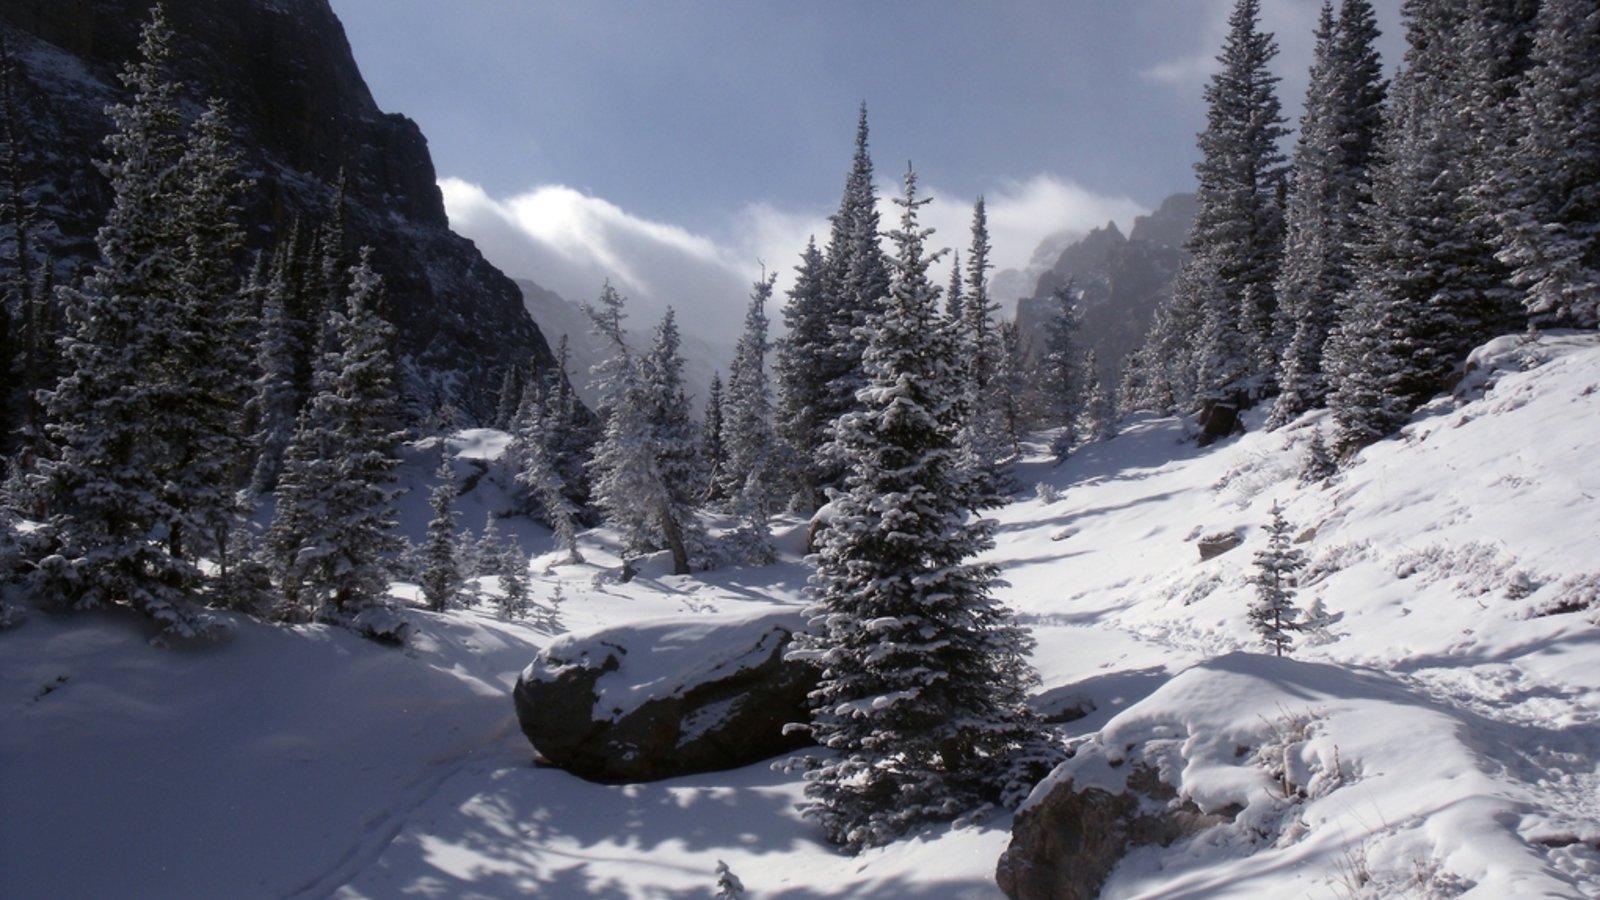 Rocky Mountain National Park que inclui neve e cenas tranquilas